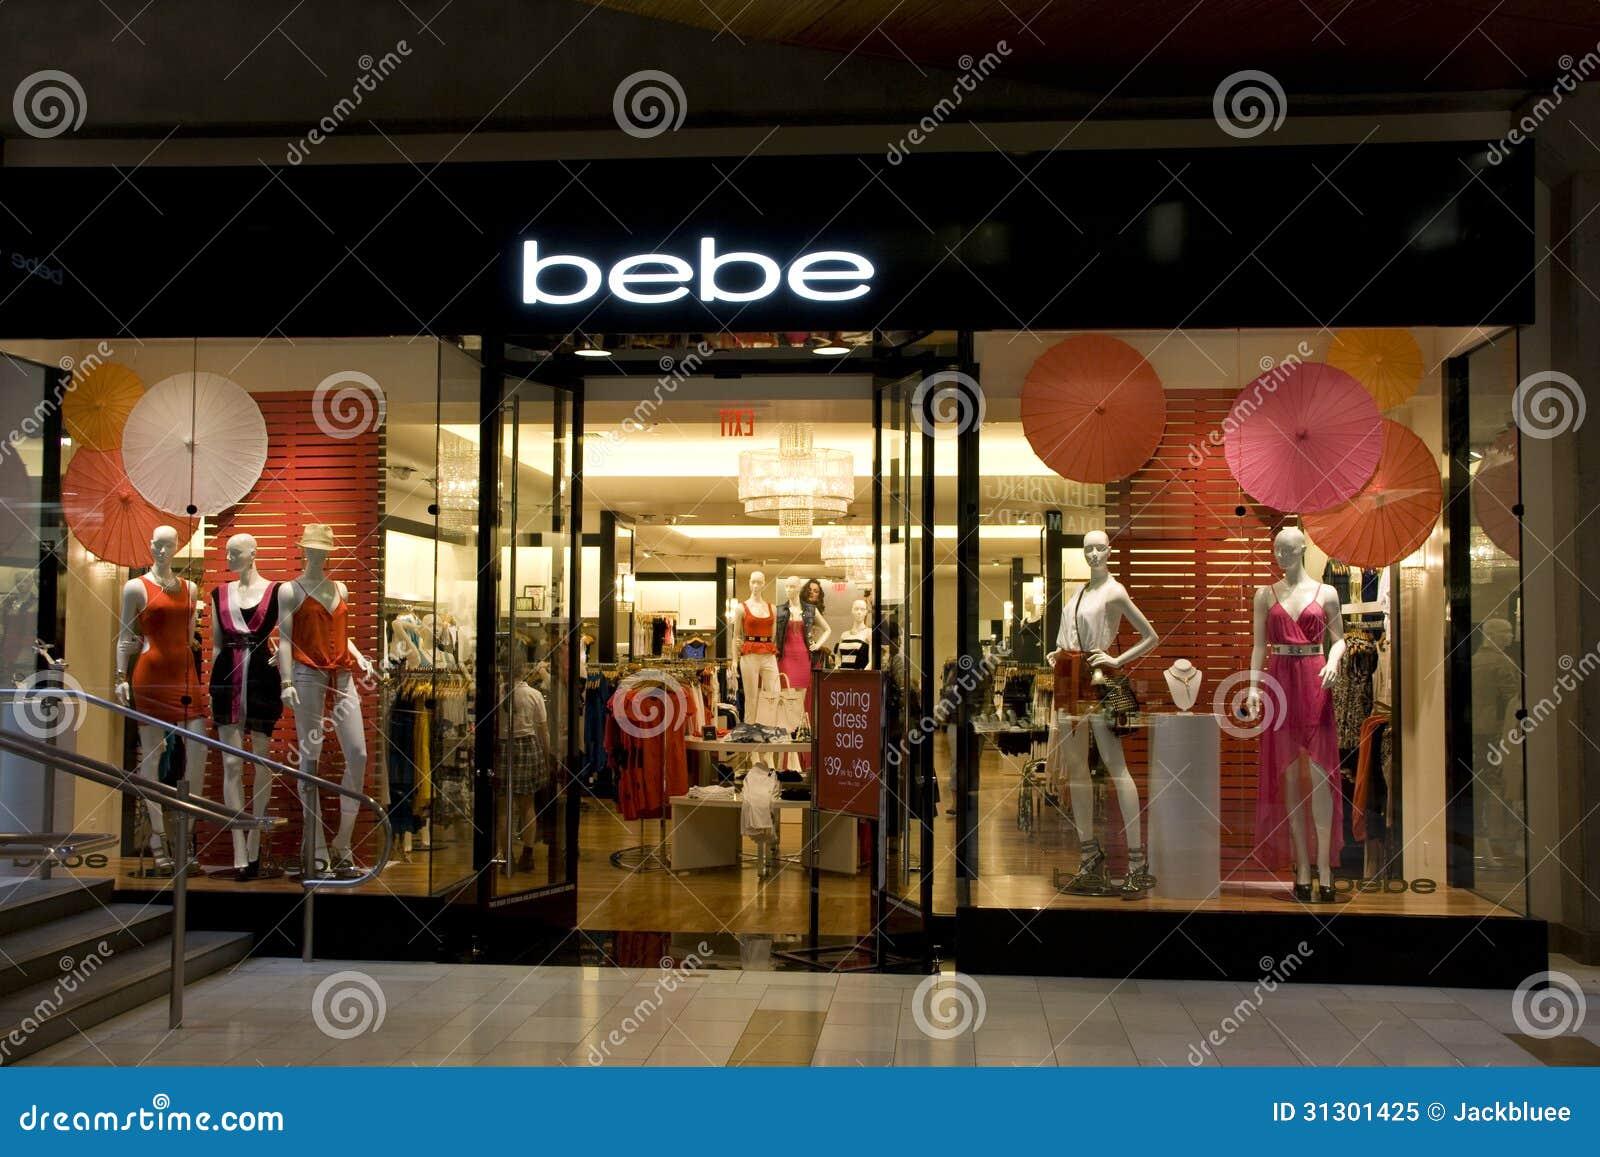 7c2724747 Forme la tienda con grandes diseños interiores en alameda del cuadrado de  Bellevue. Tienda de la moda de Bebe.